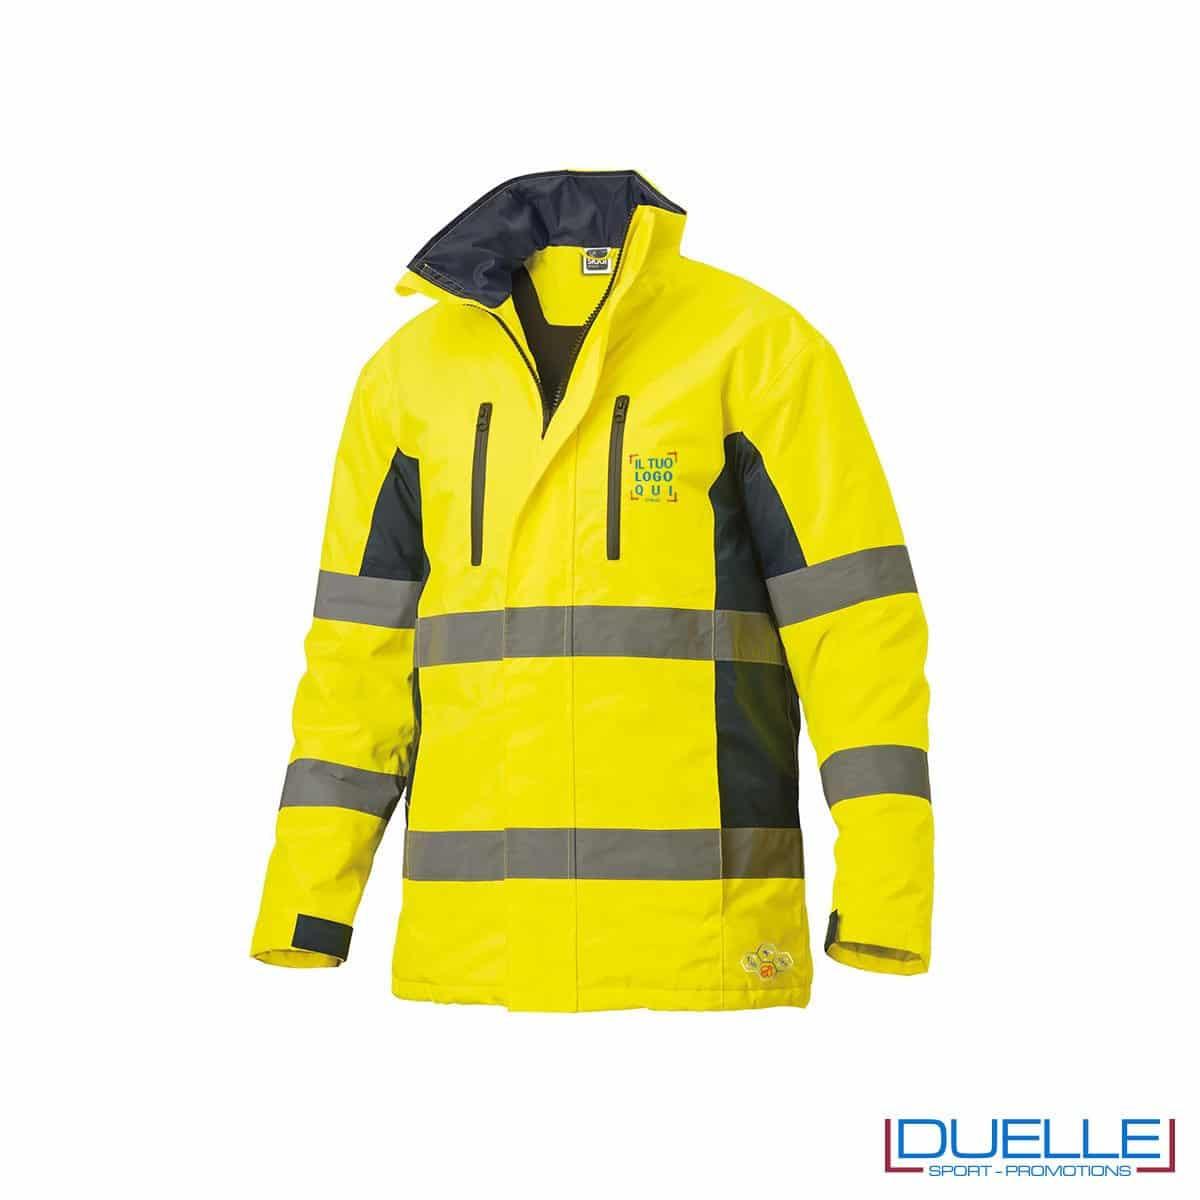 Giacca alta visibilità personalizzata in colore giallo fluo